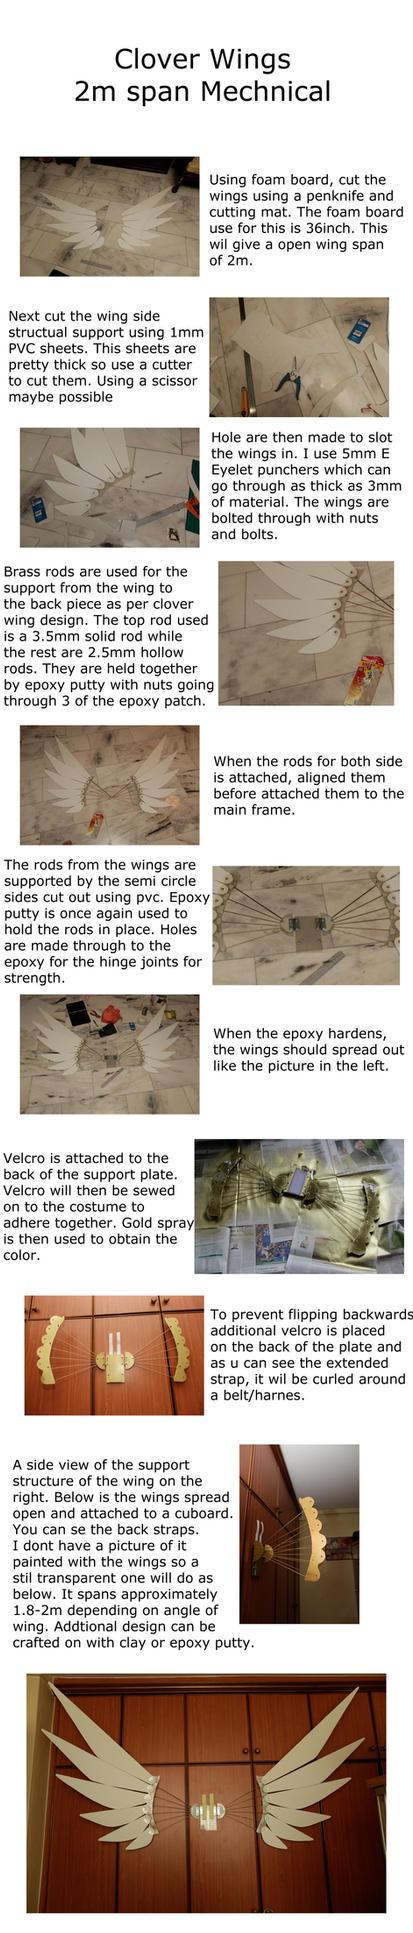 Props: Clover Wings by zerartul